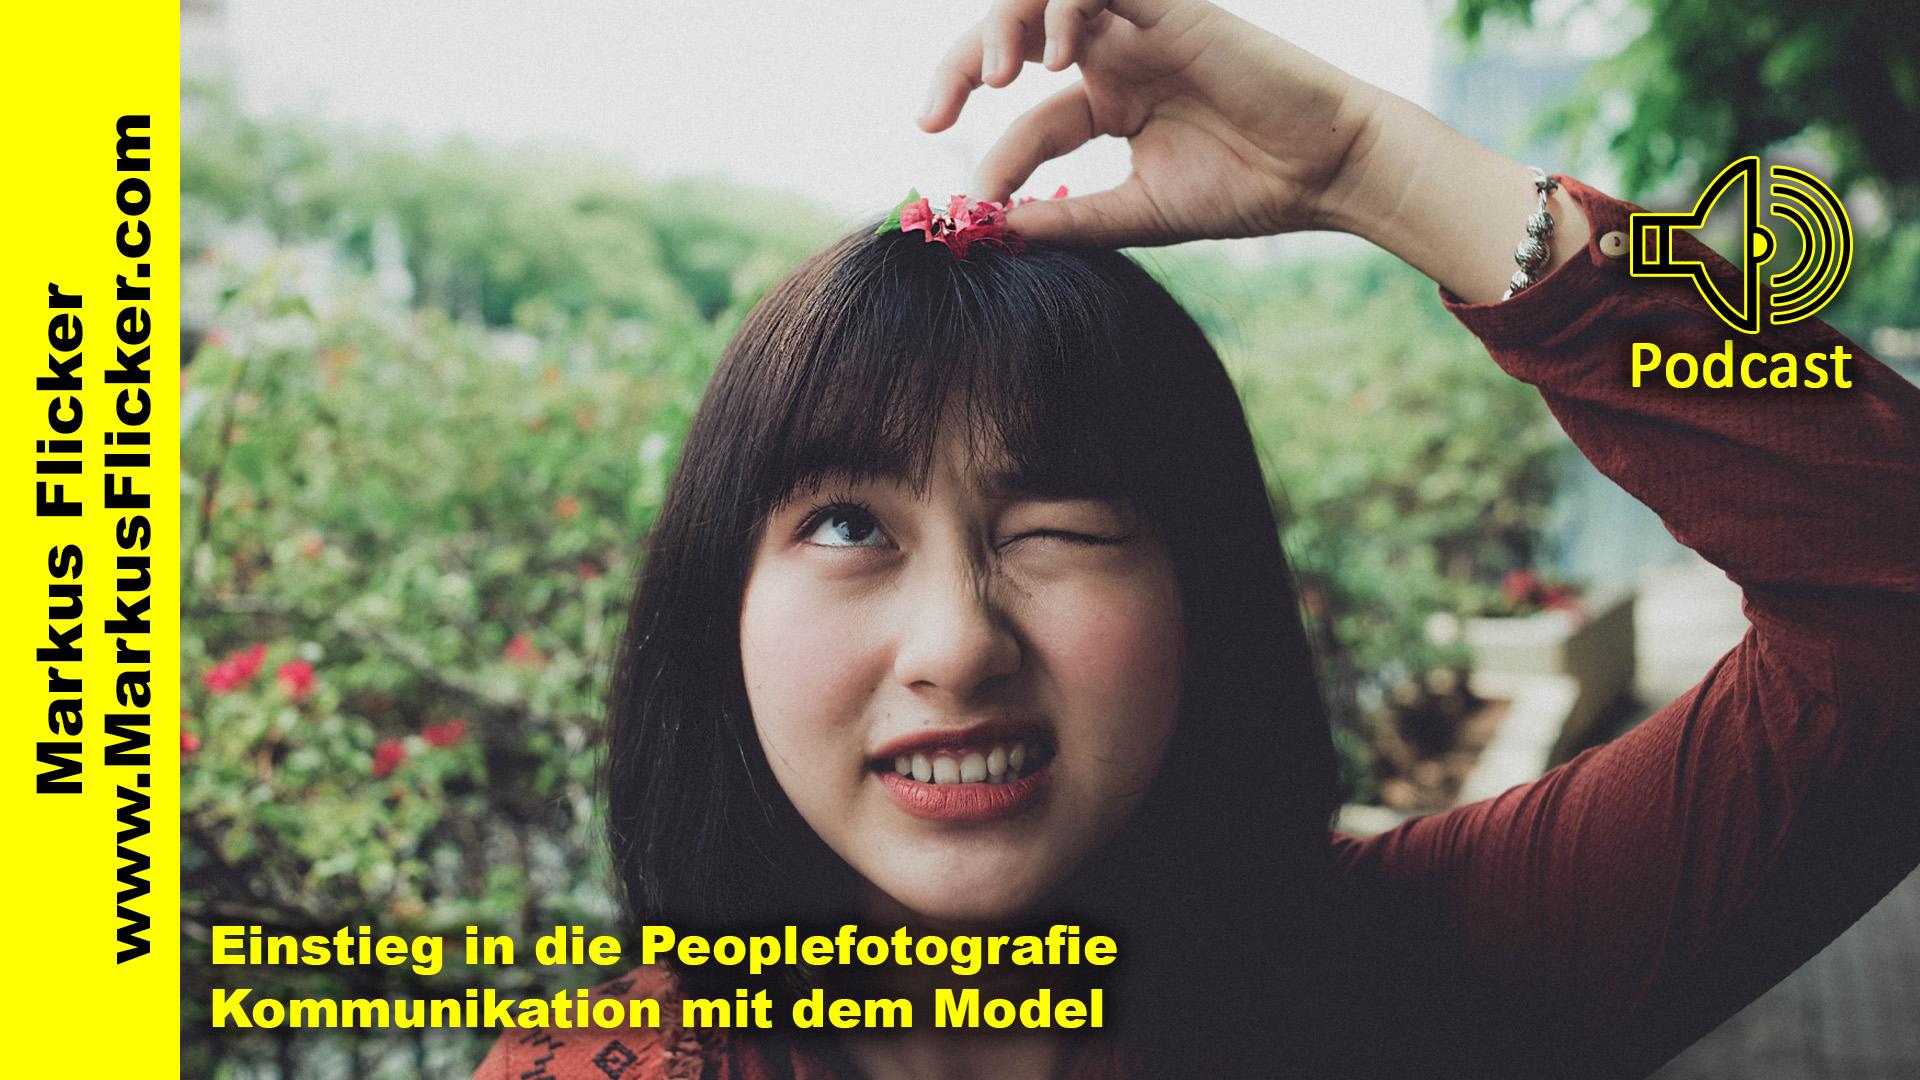 Einstieg in die Peoplefotografie // Kommunikation mit dem Model